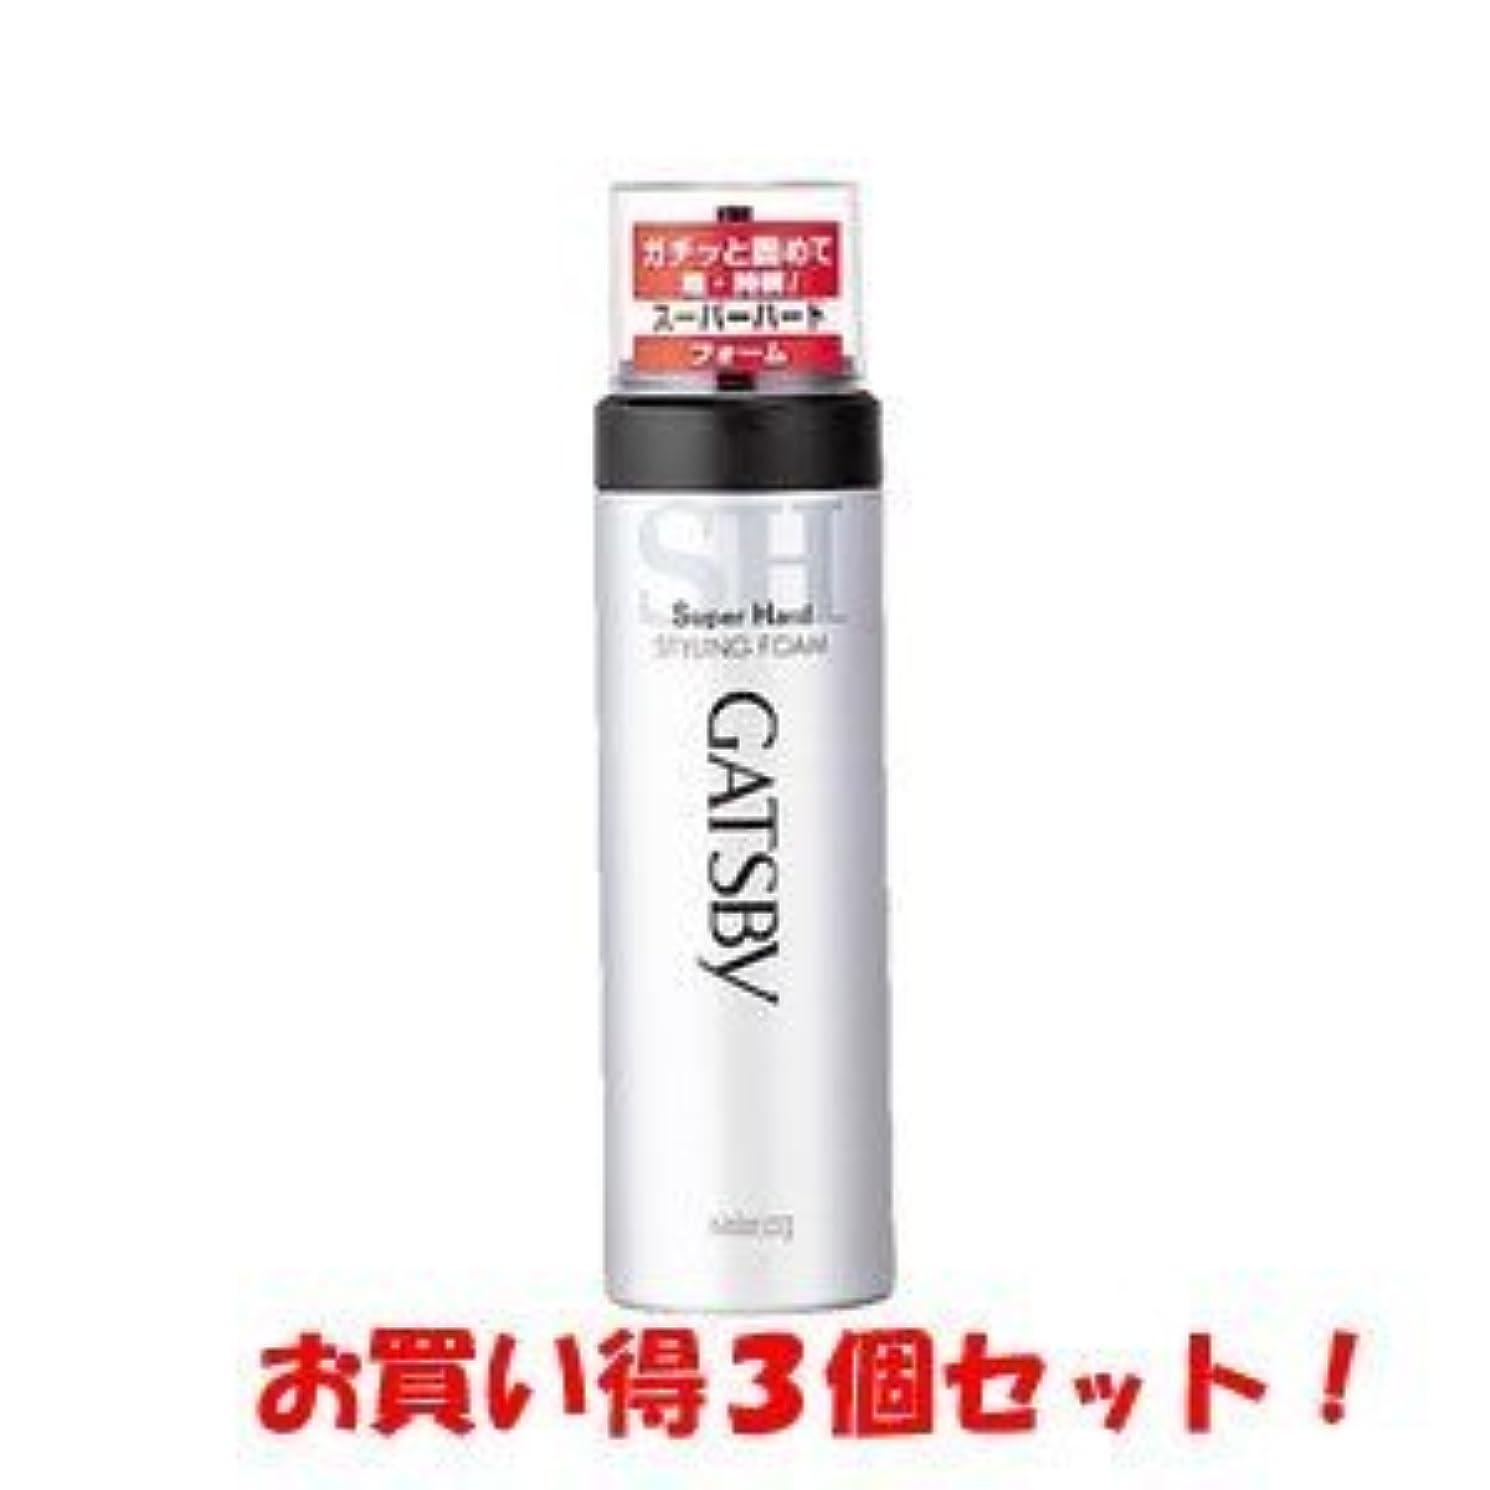 バーター麻酔薬同志ギャツビー【GATSBY】スタイリングフォーム スーパーハード 185g(お買い得3個セット)